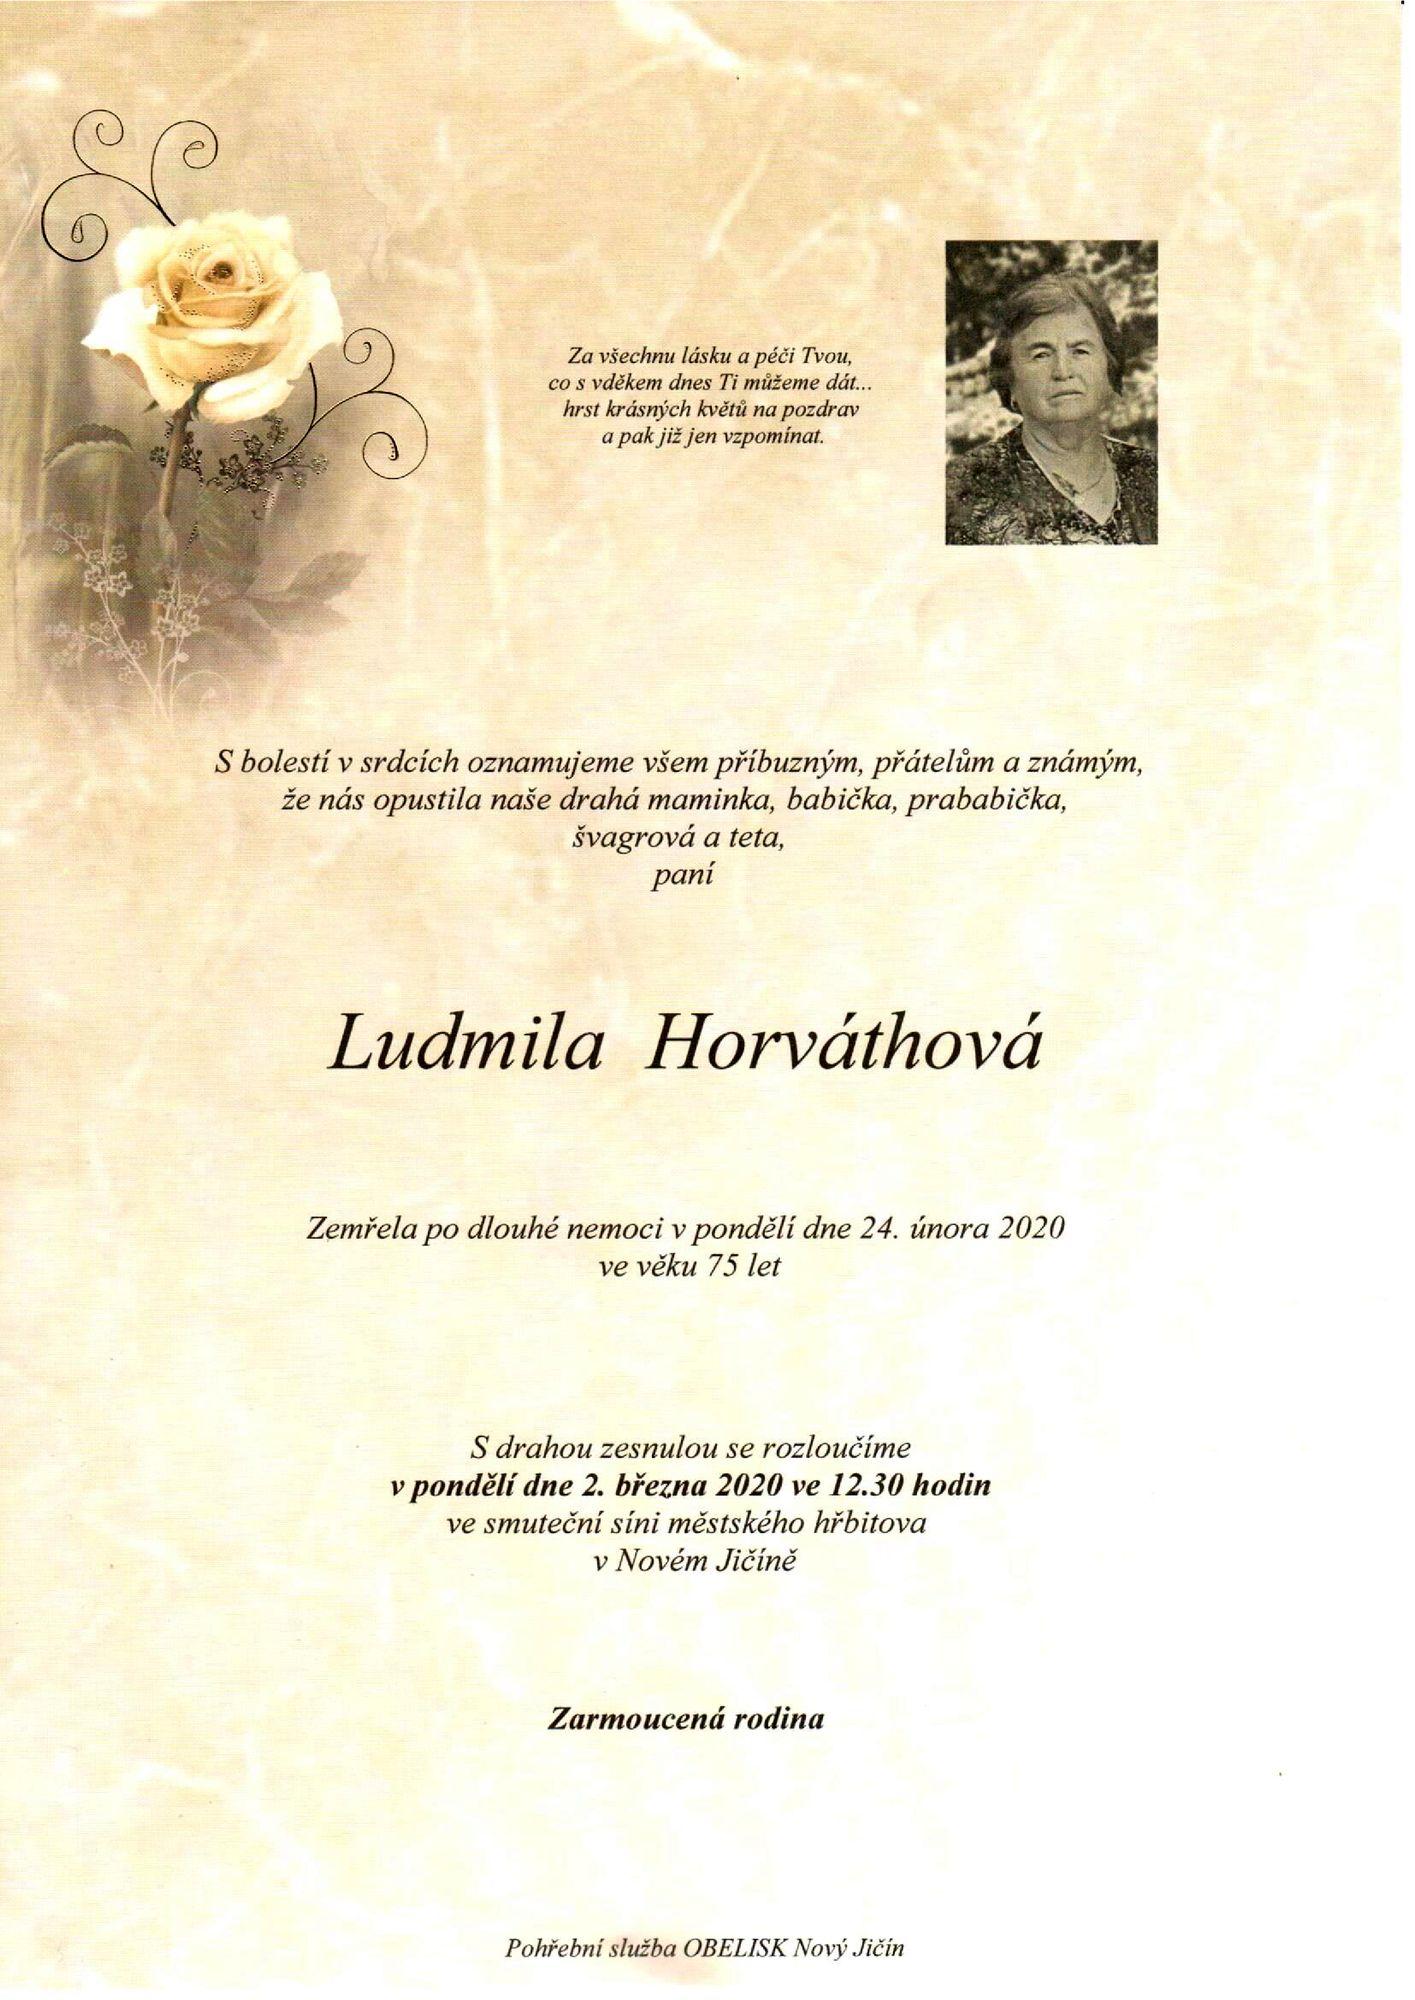 Ludmila Horváthová